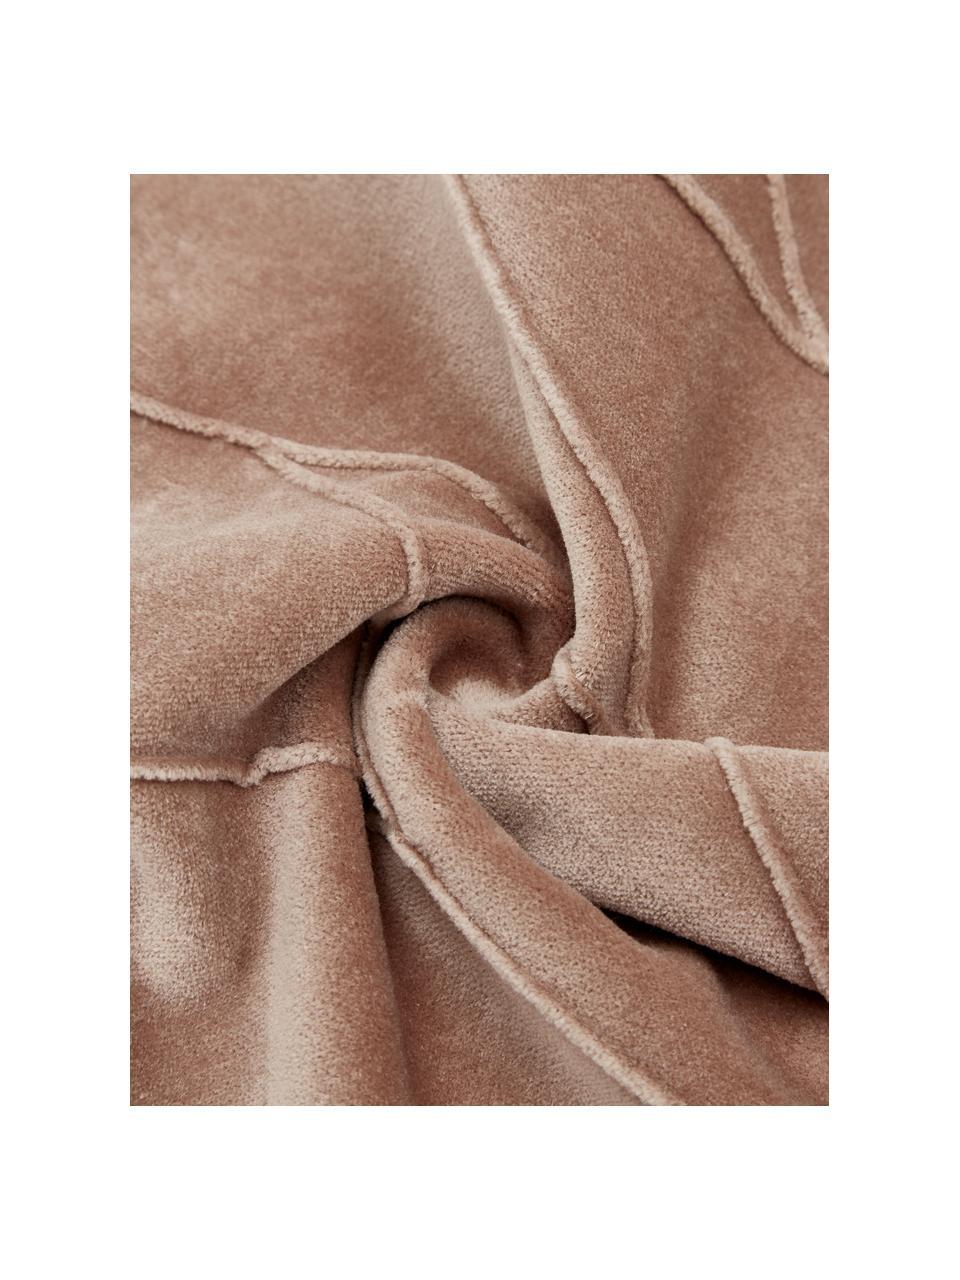 Samt-Kissen Pintuck in Altrosa mit erhabenem Strukturmuster, mit Inlett, Bezug: 55% Rayon, 45% Baumwolle, Webart: Samt, Rosa, 45 x 45 cm